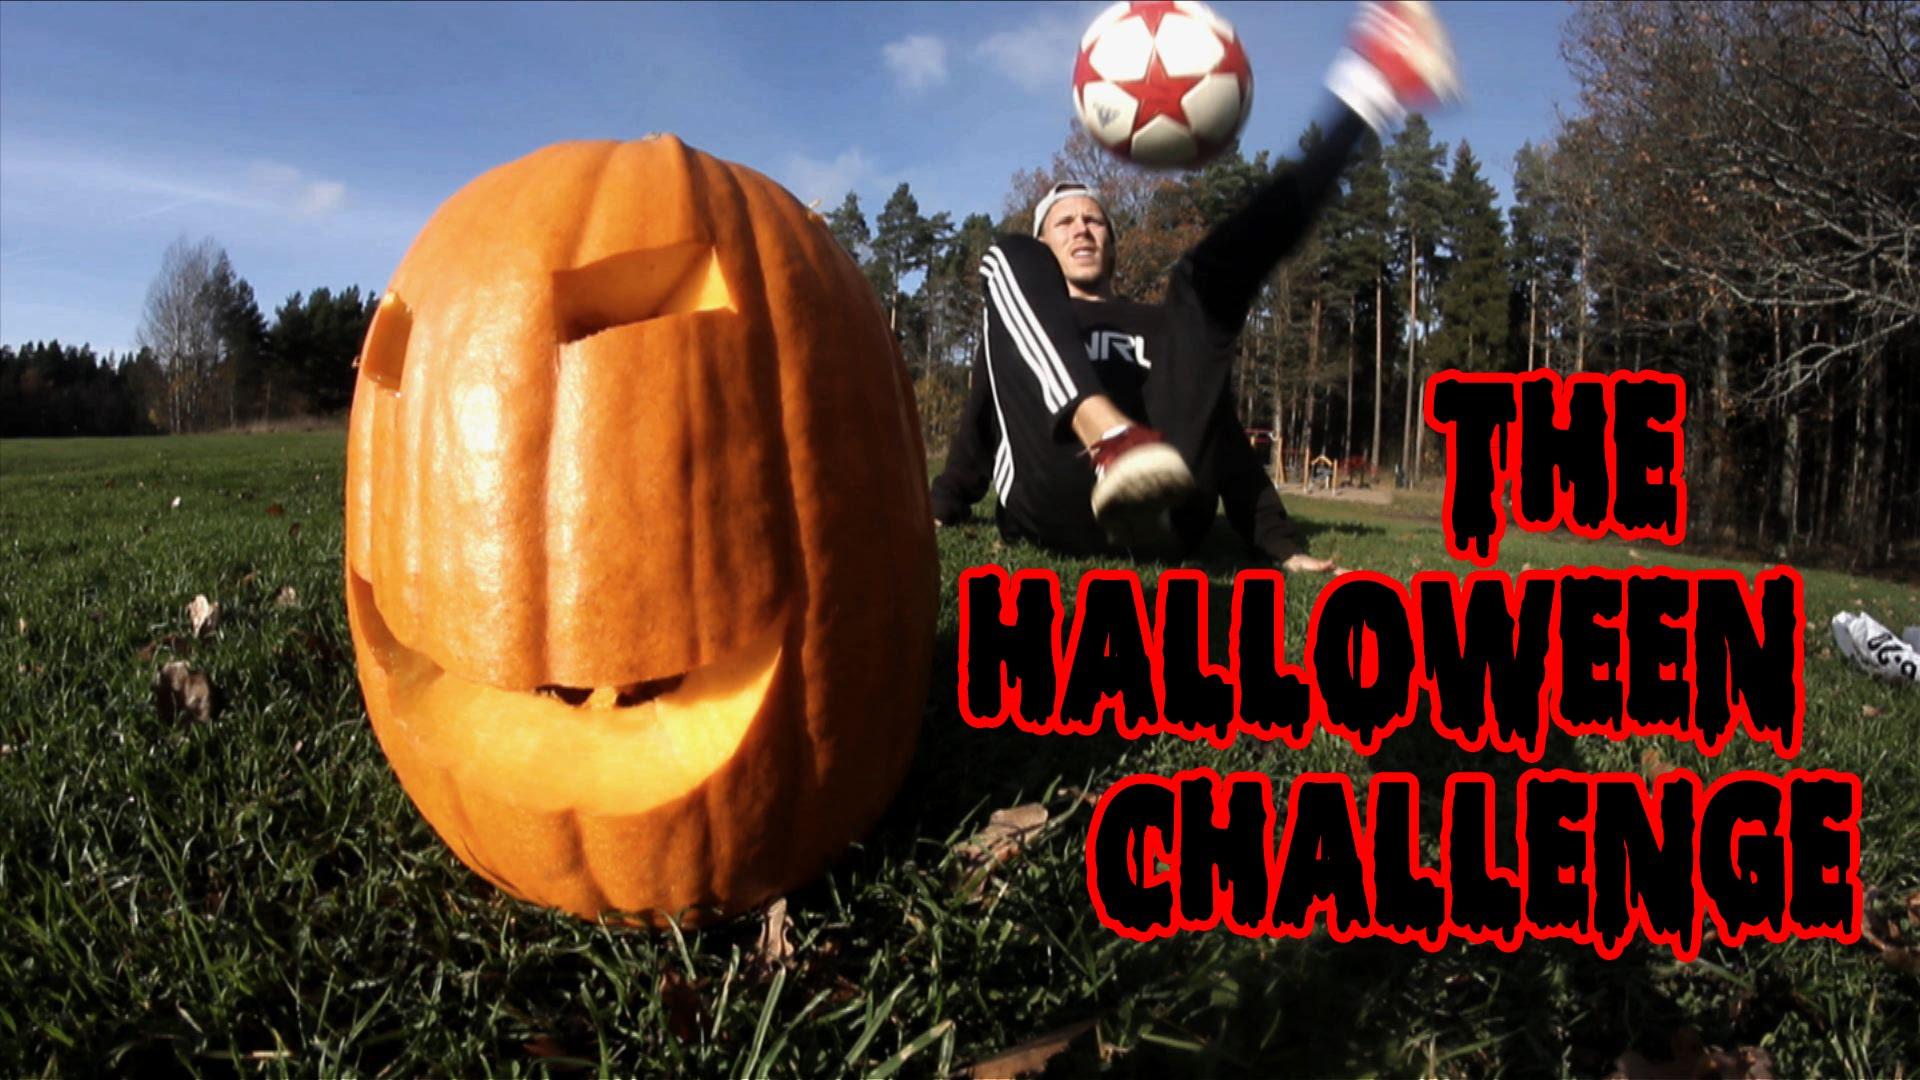 Will A Soccer Ball Explode A Pumpkin? | Palle's Halloween Challenge